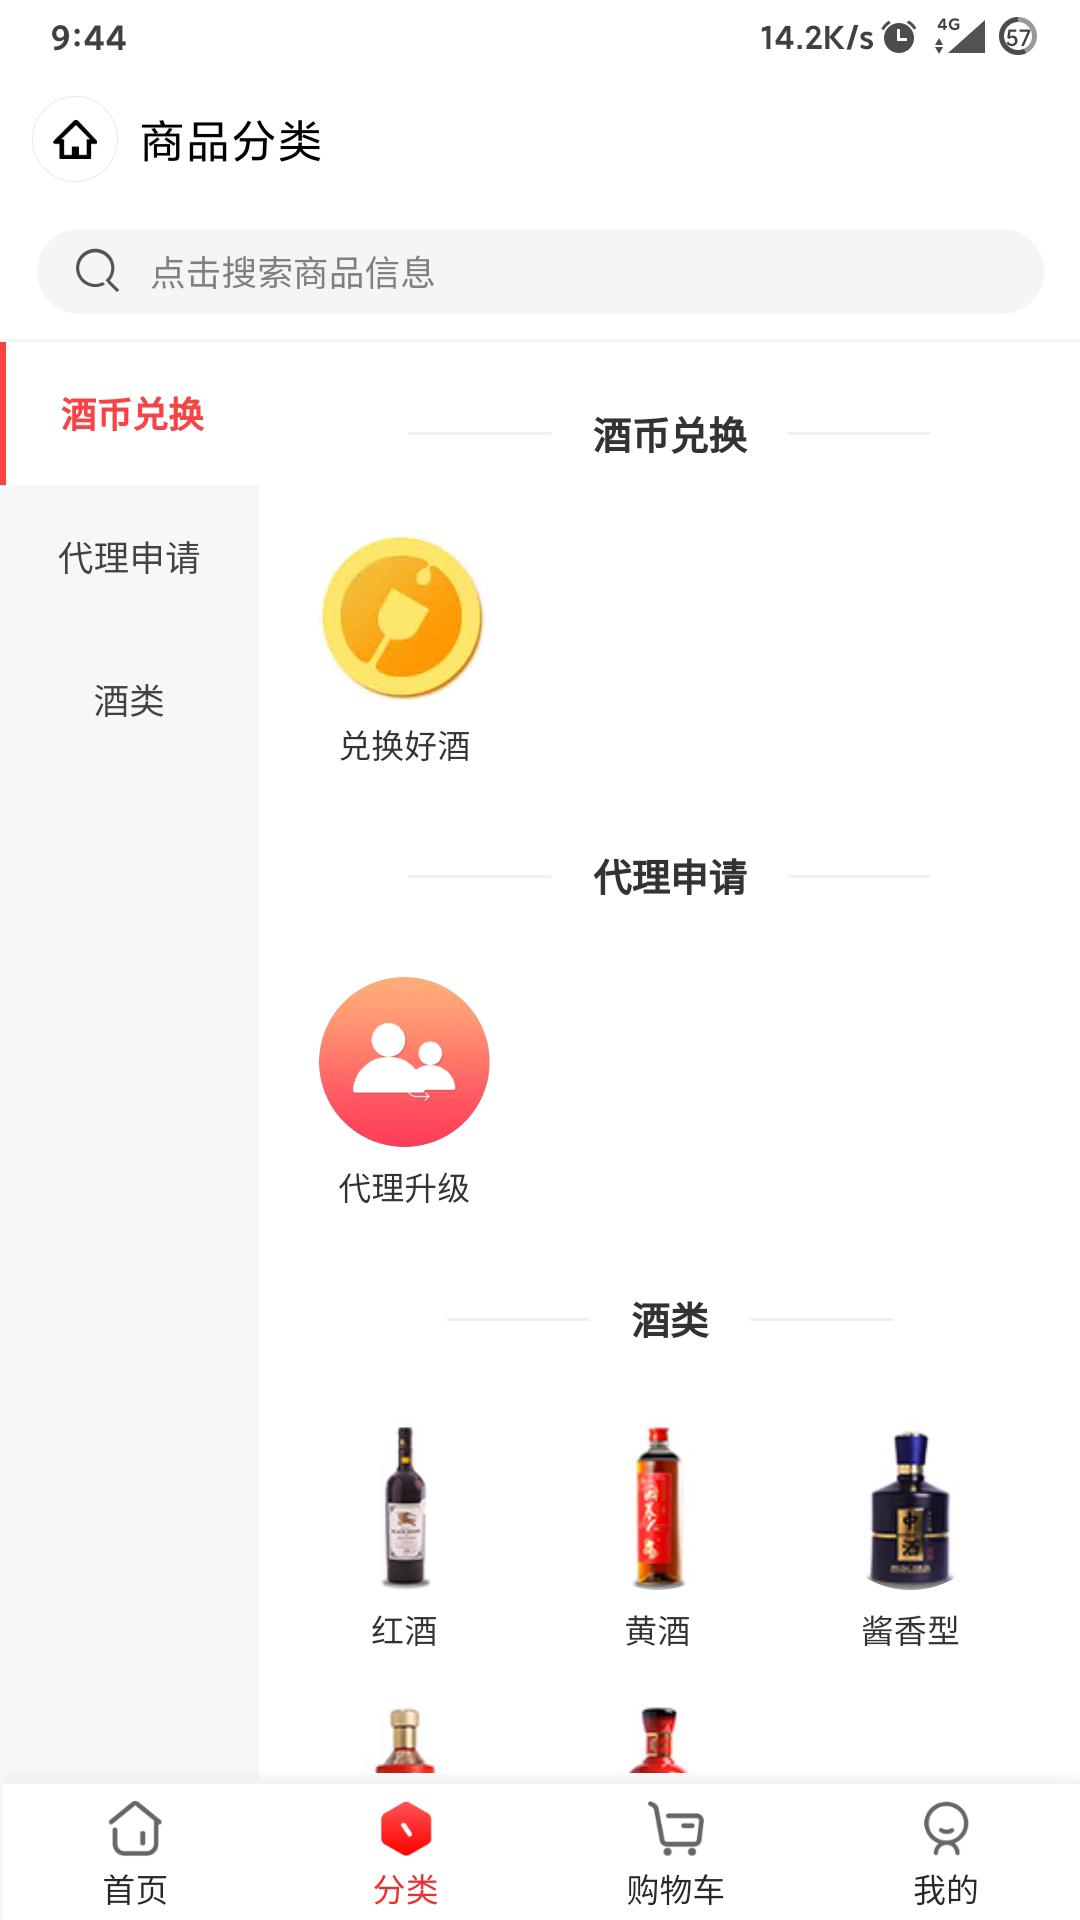 中酒汇金(1)